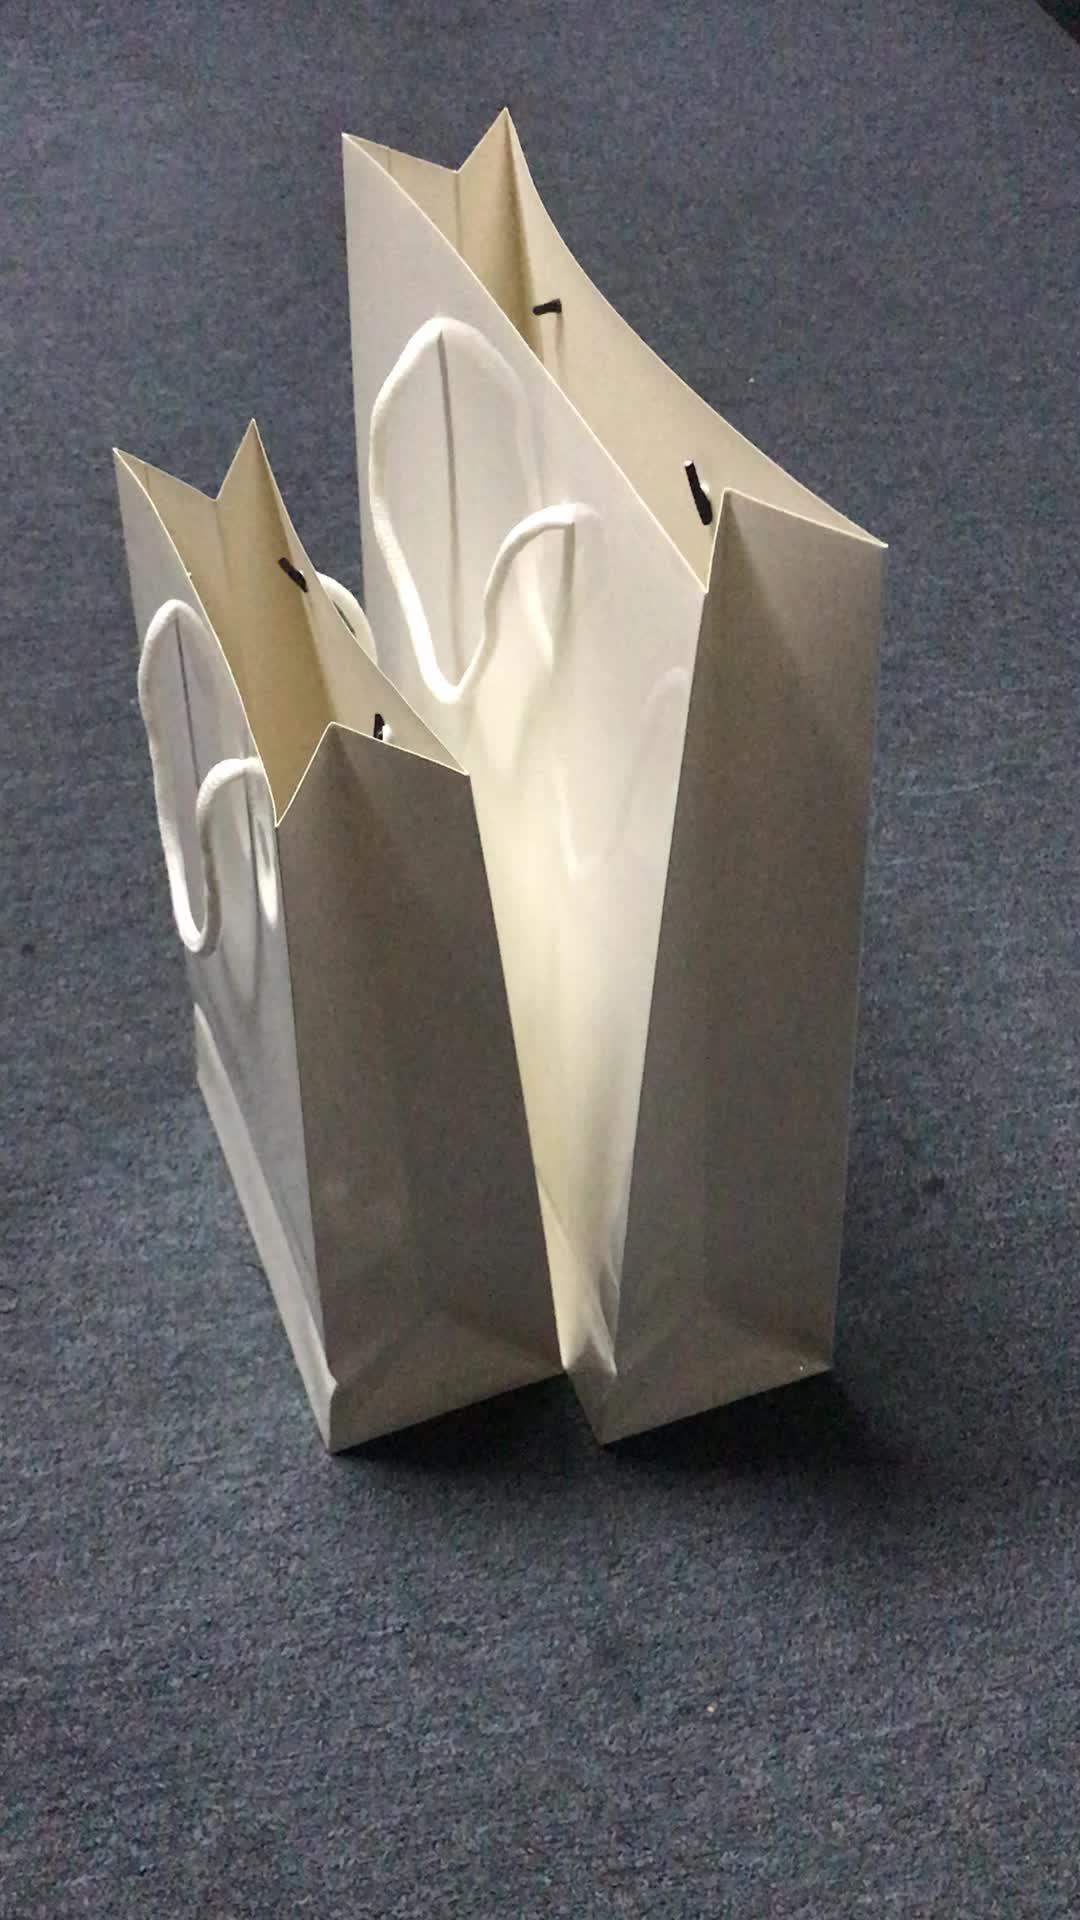 A4 Größe, 2 Seite Blank Sublimation Leere Einkaufstasche Plain White Einkaufstasche Mit Sublimation Beschichtet